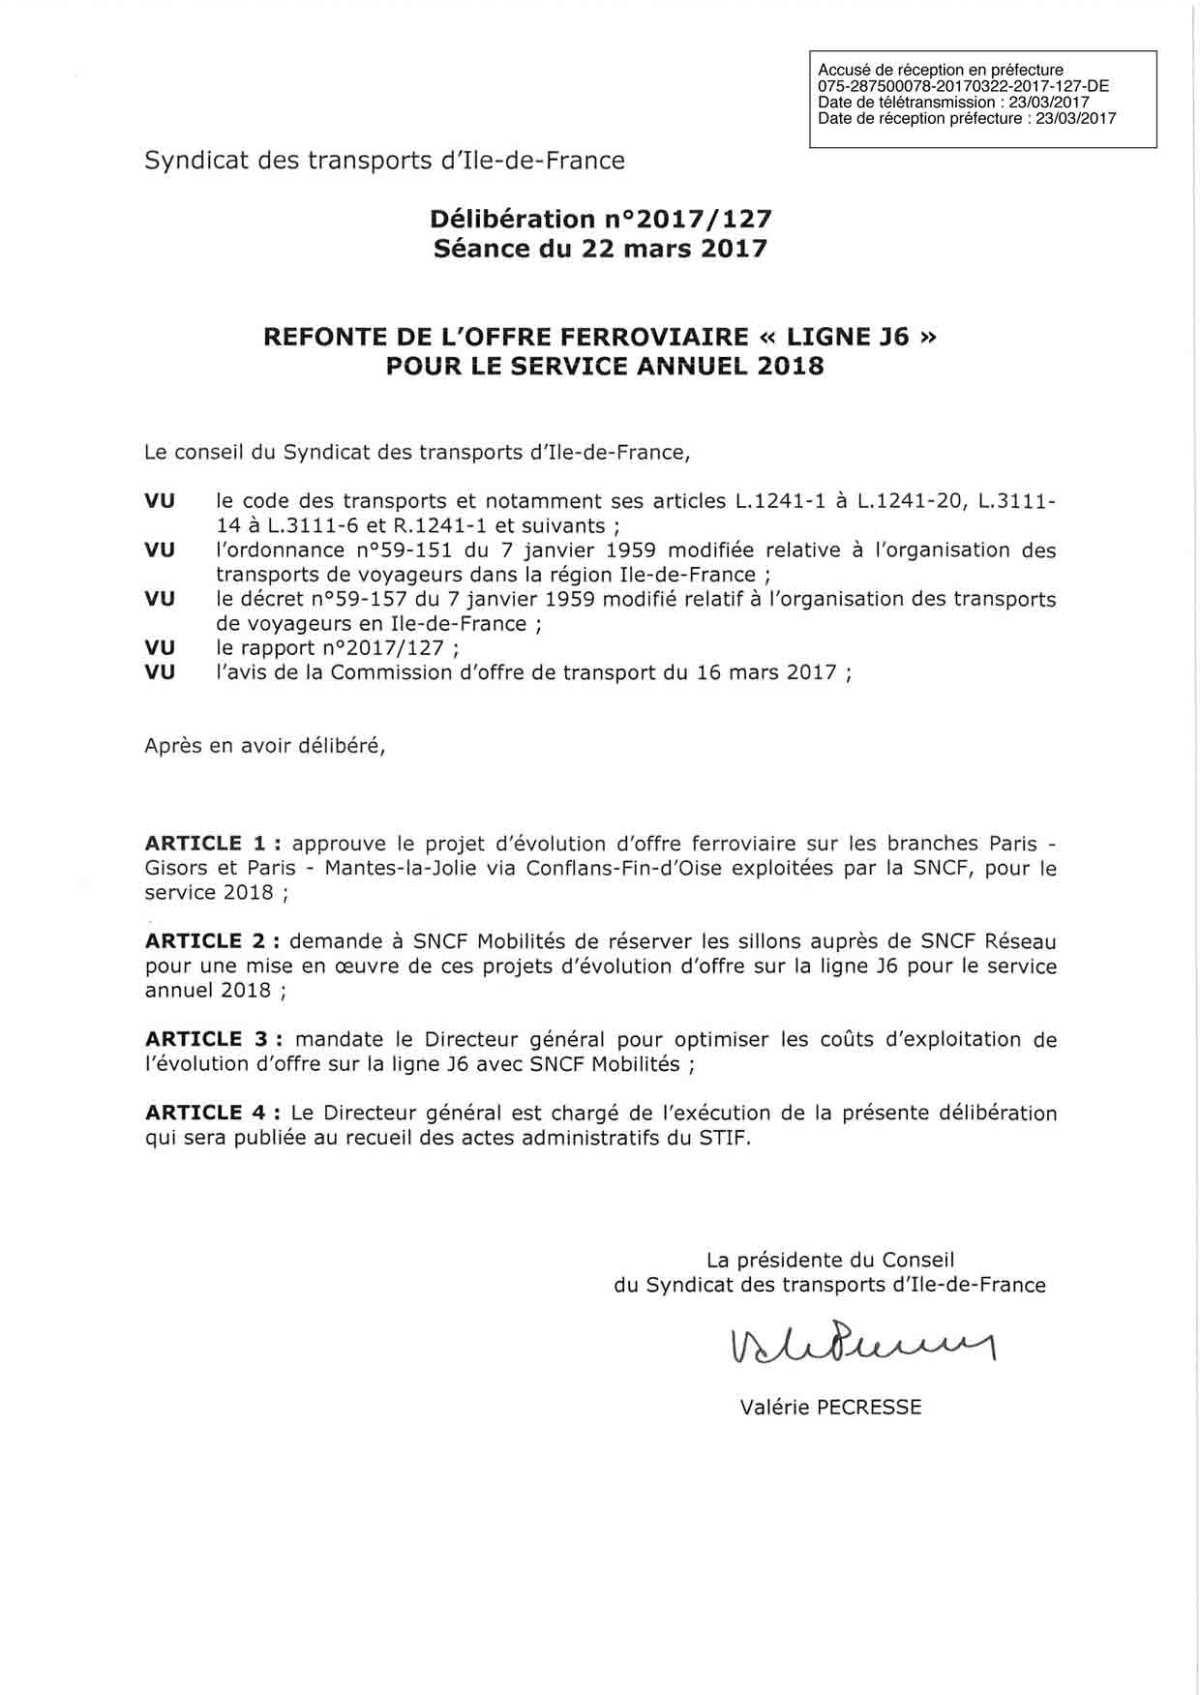 LIgne-J6-décision-IDF-SA2018-signee-Pecresse